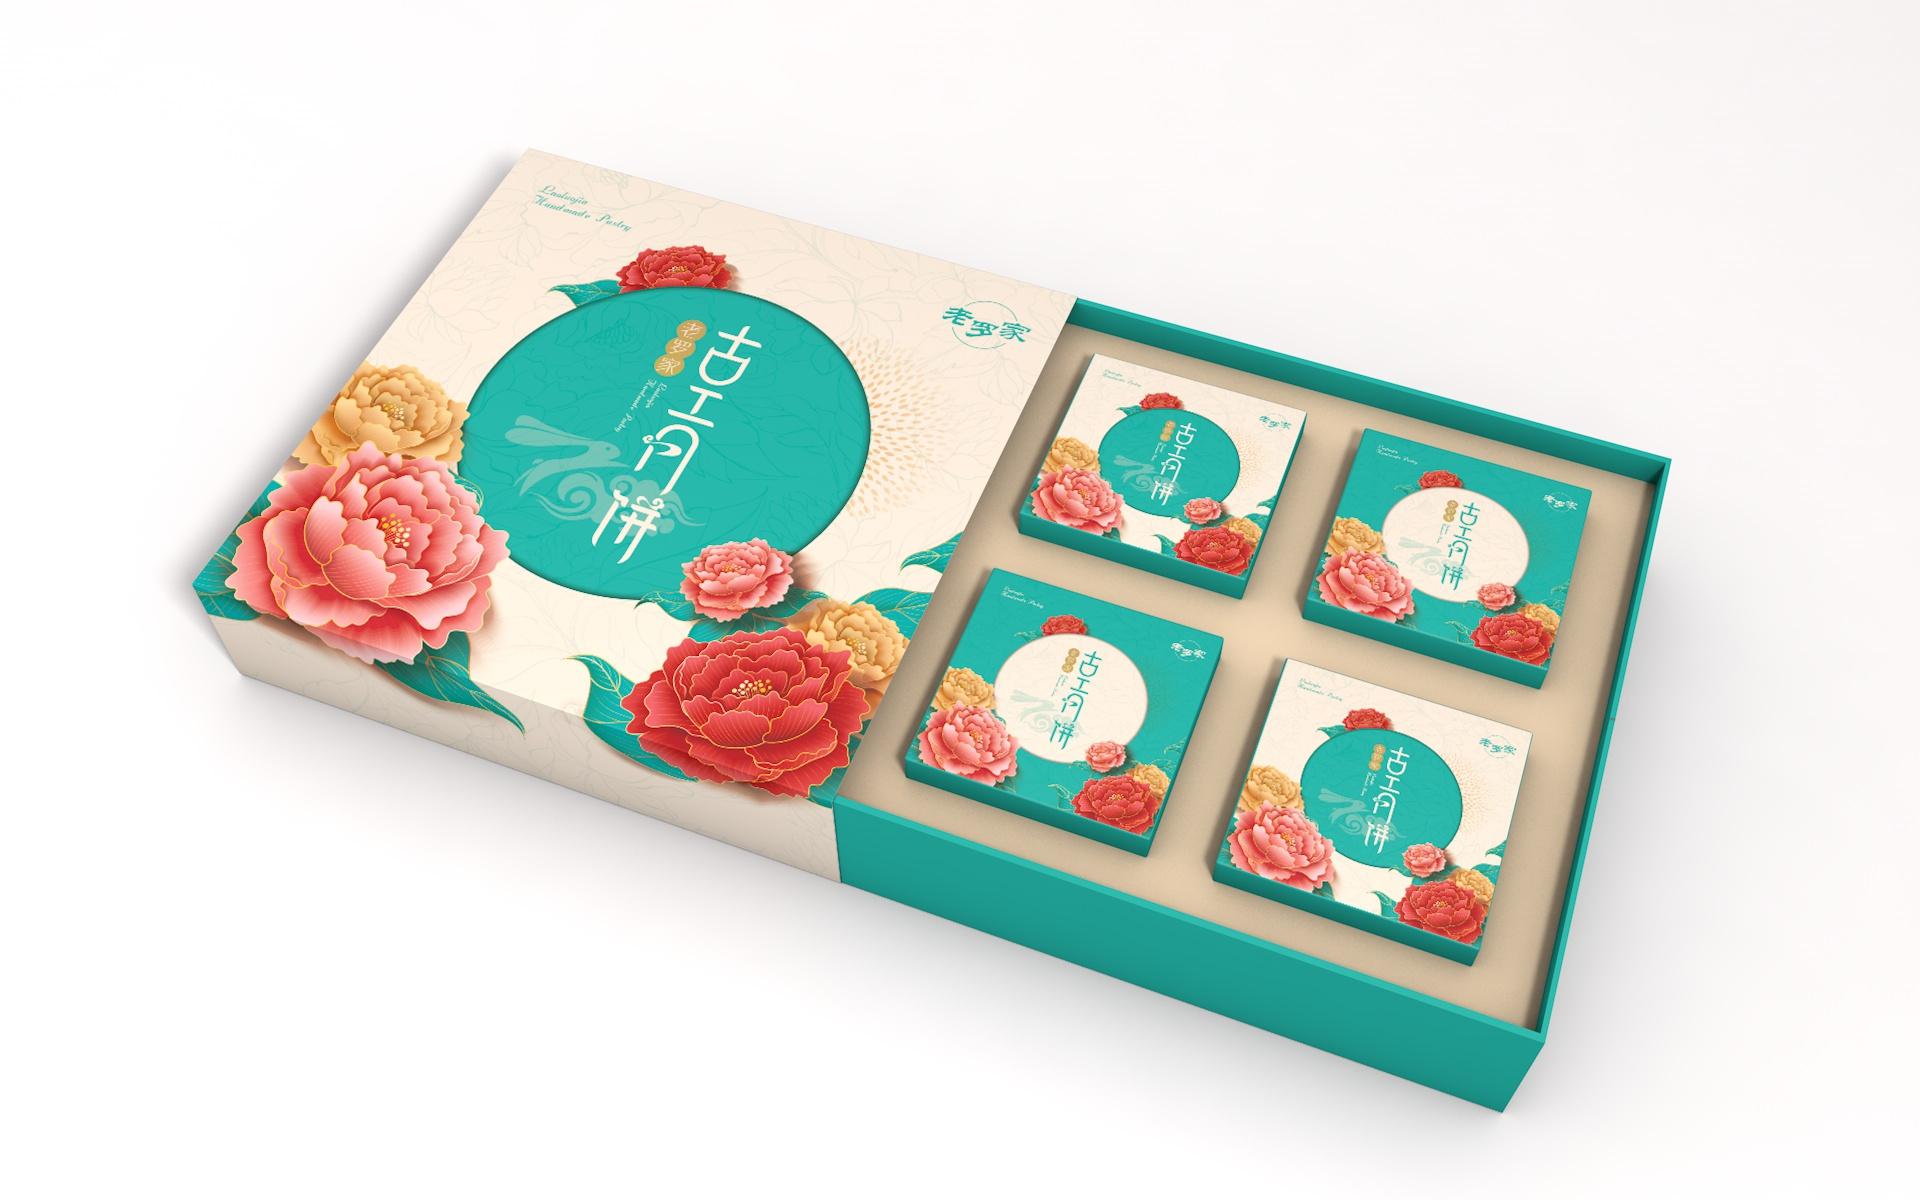 包装设计/包装盒设计瓶贴标签包装袋水果宠物食品端午国潮插画